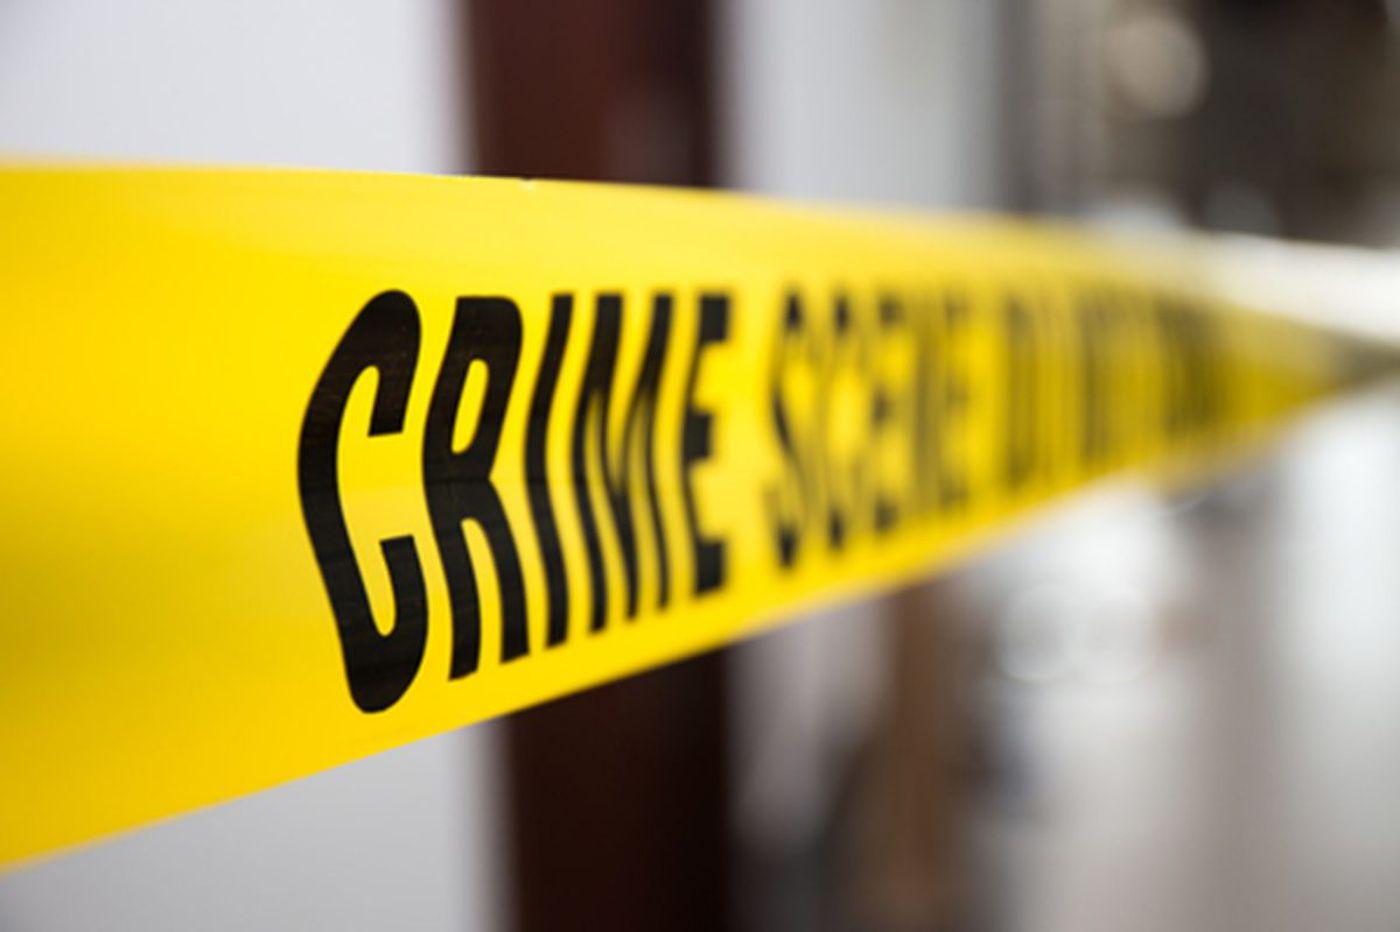 Philadelphia couple dead in apparent murder-suicide